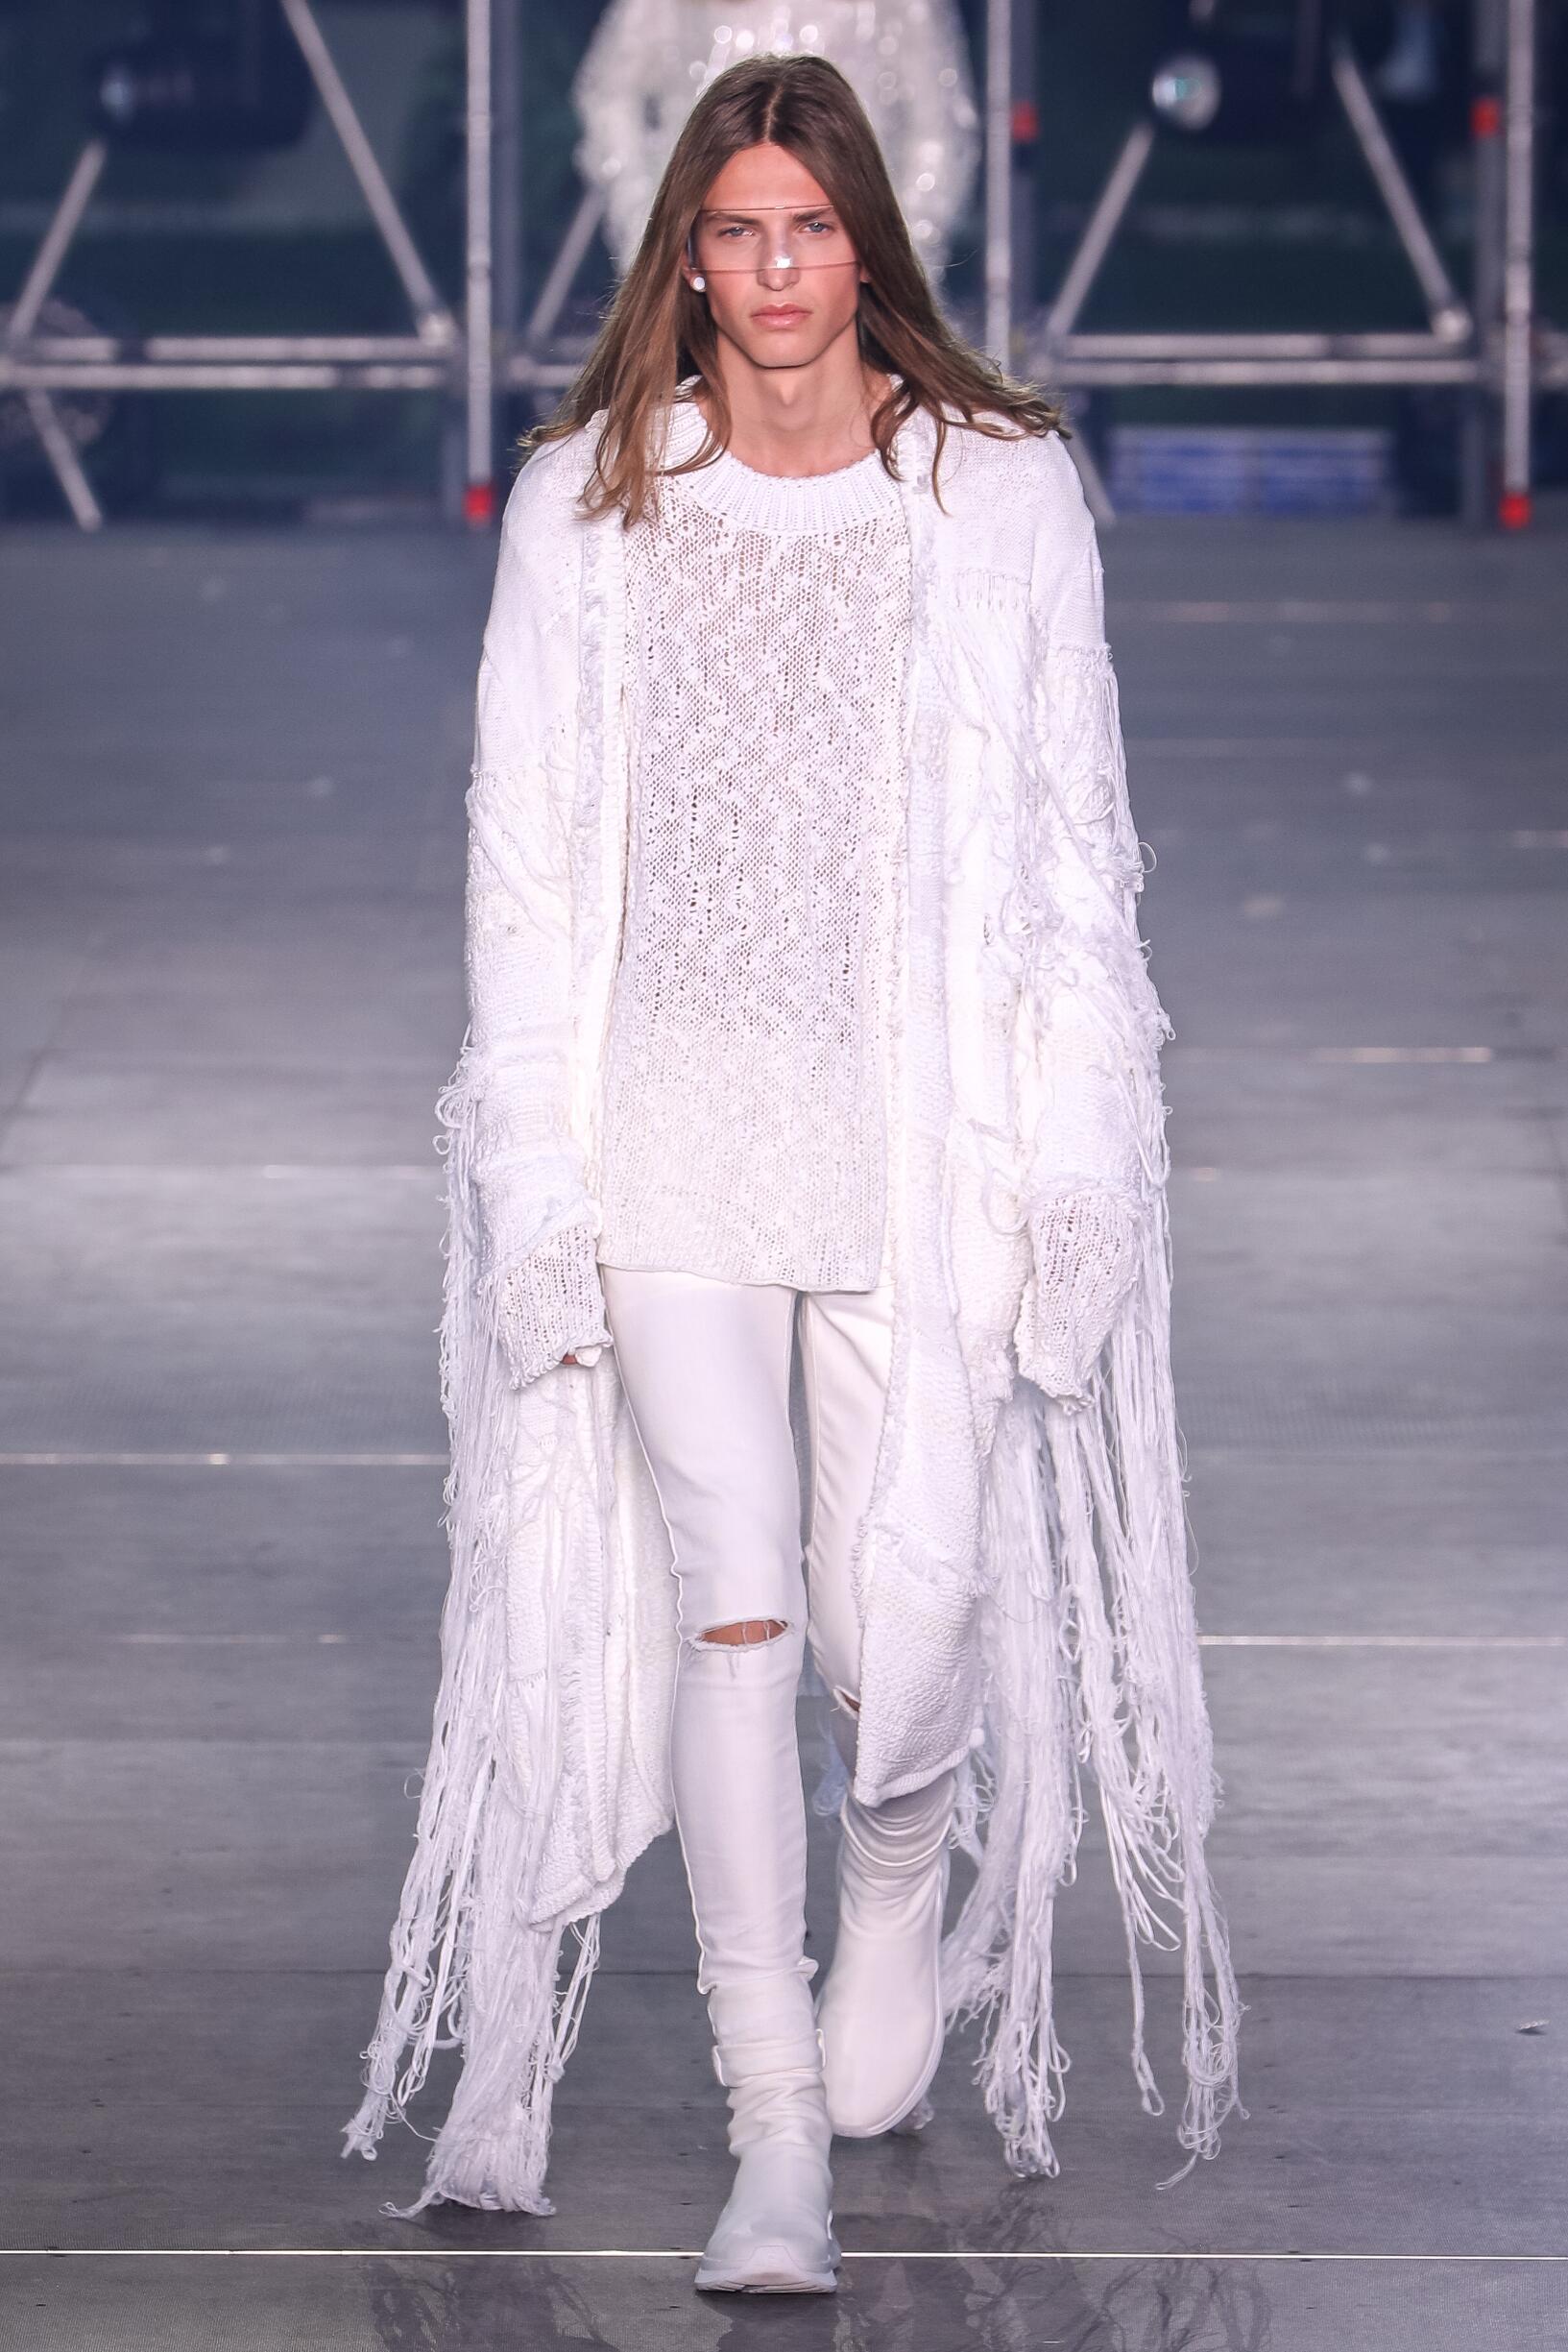 Balmain SS 2020 Menswear